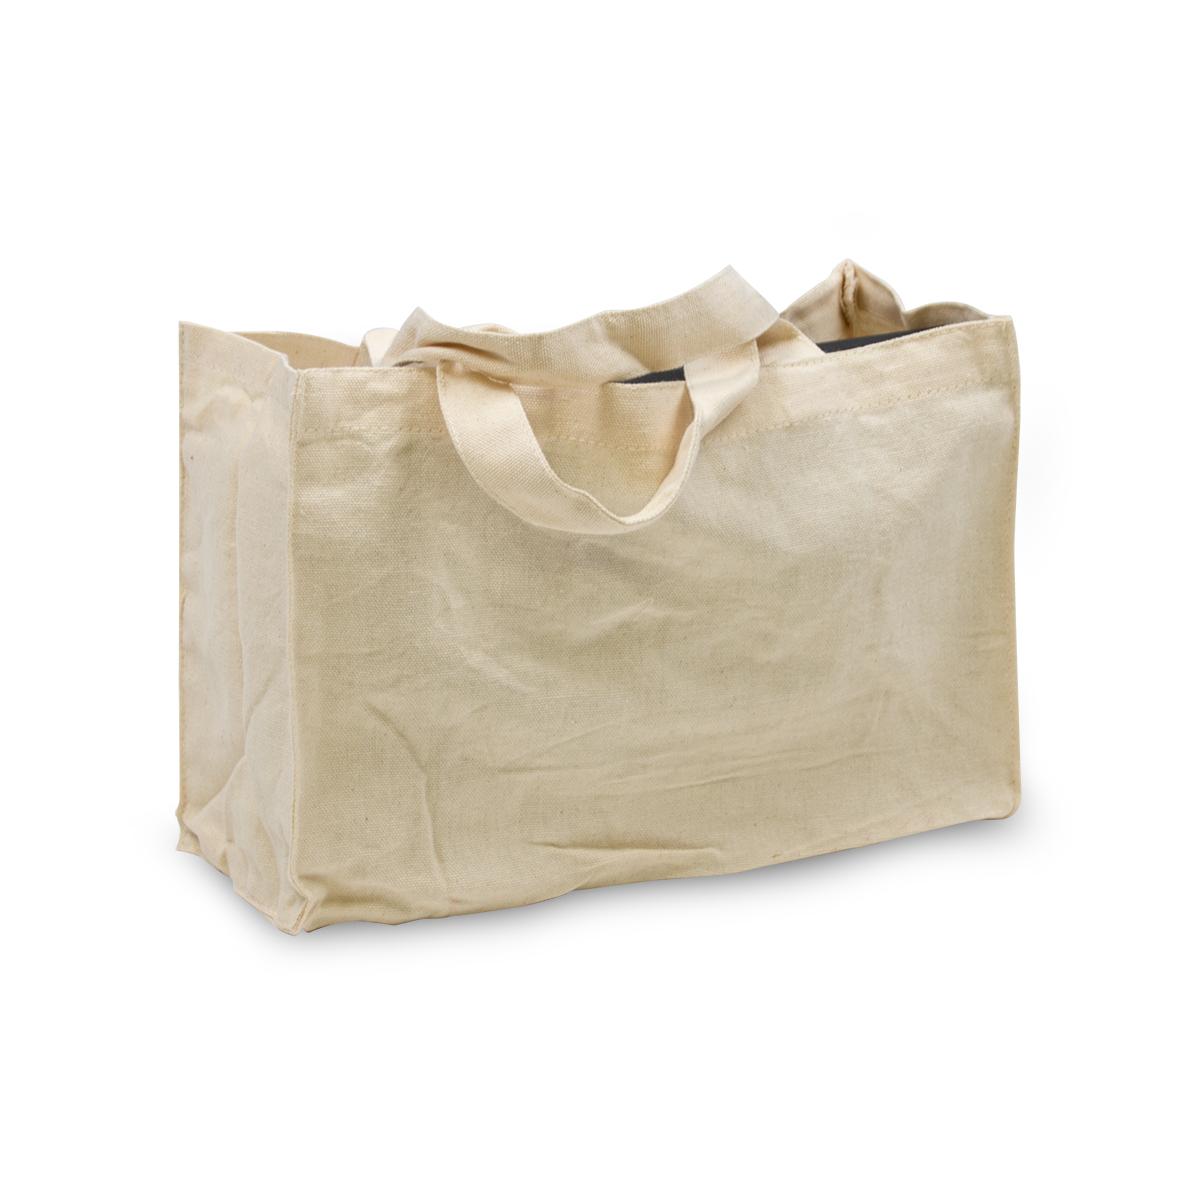 tassen-katoen-hoeken-enqru-product